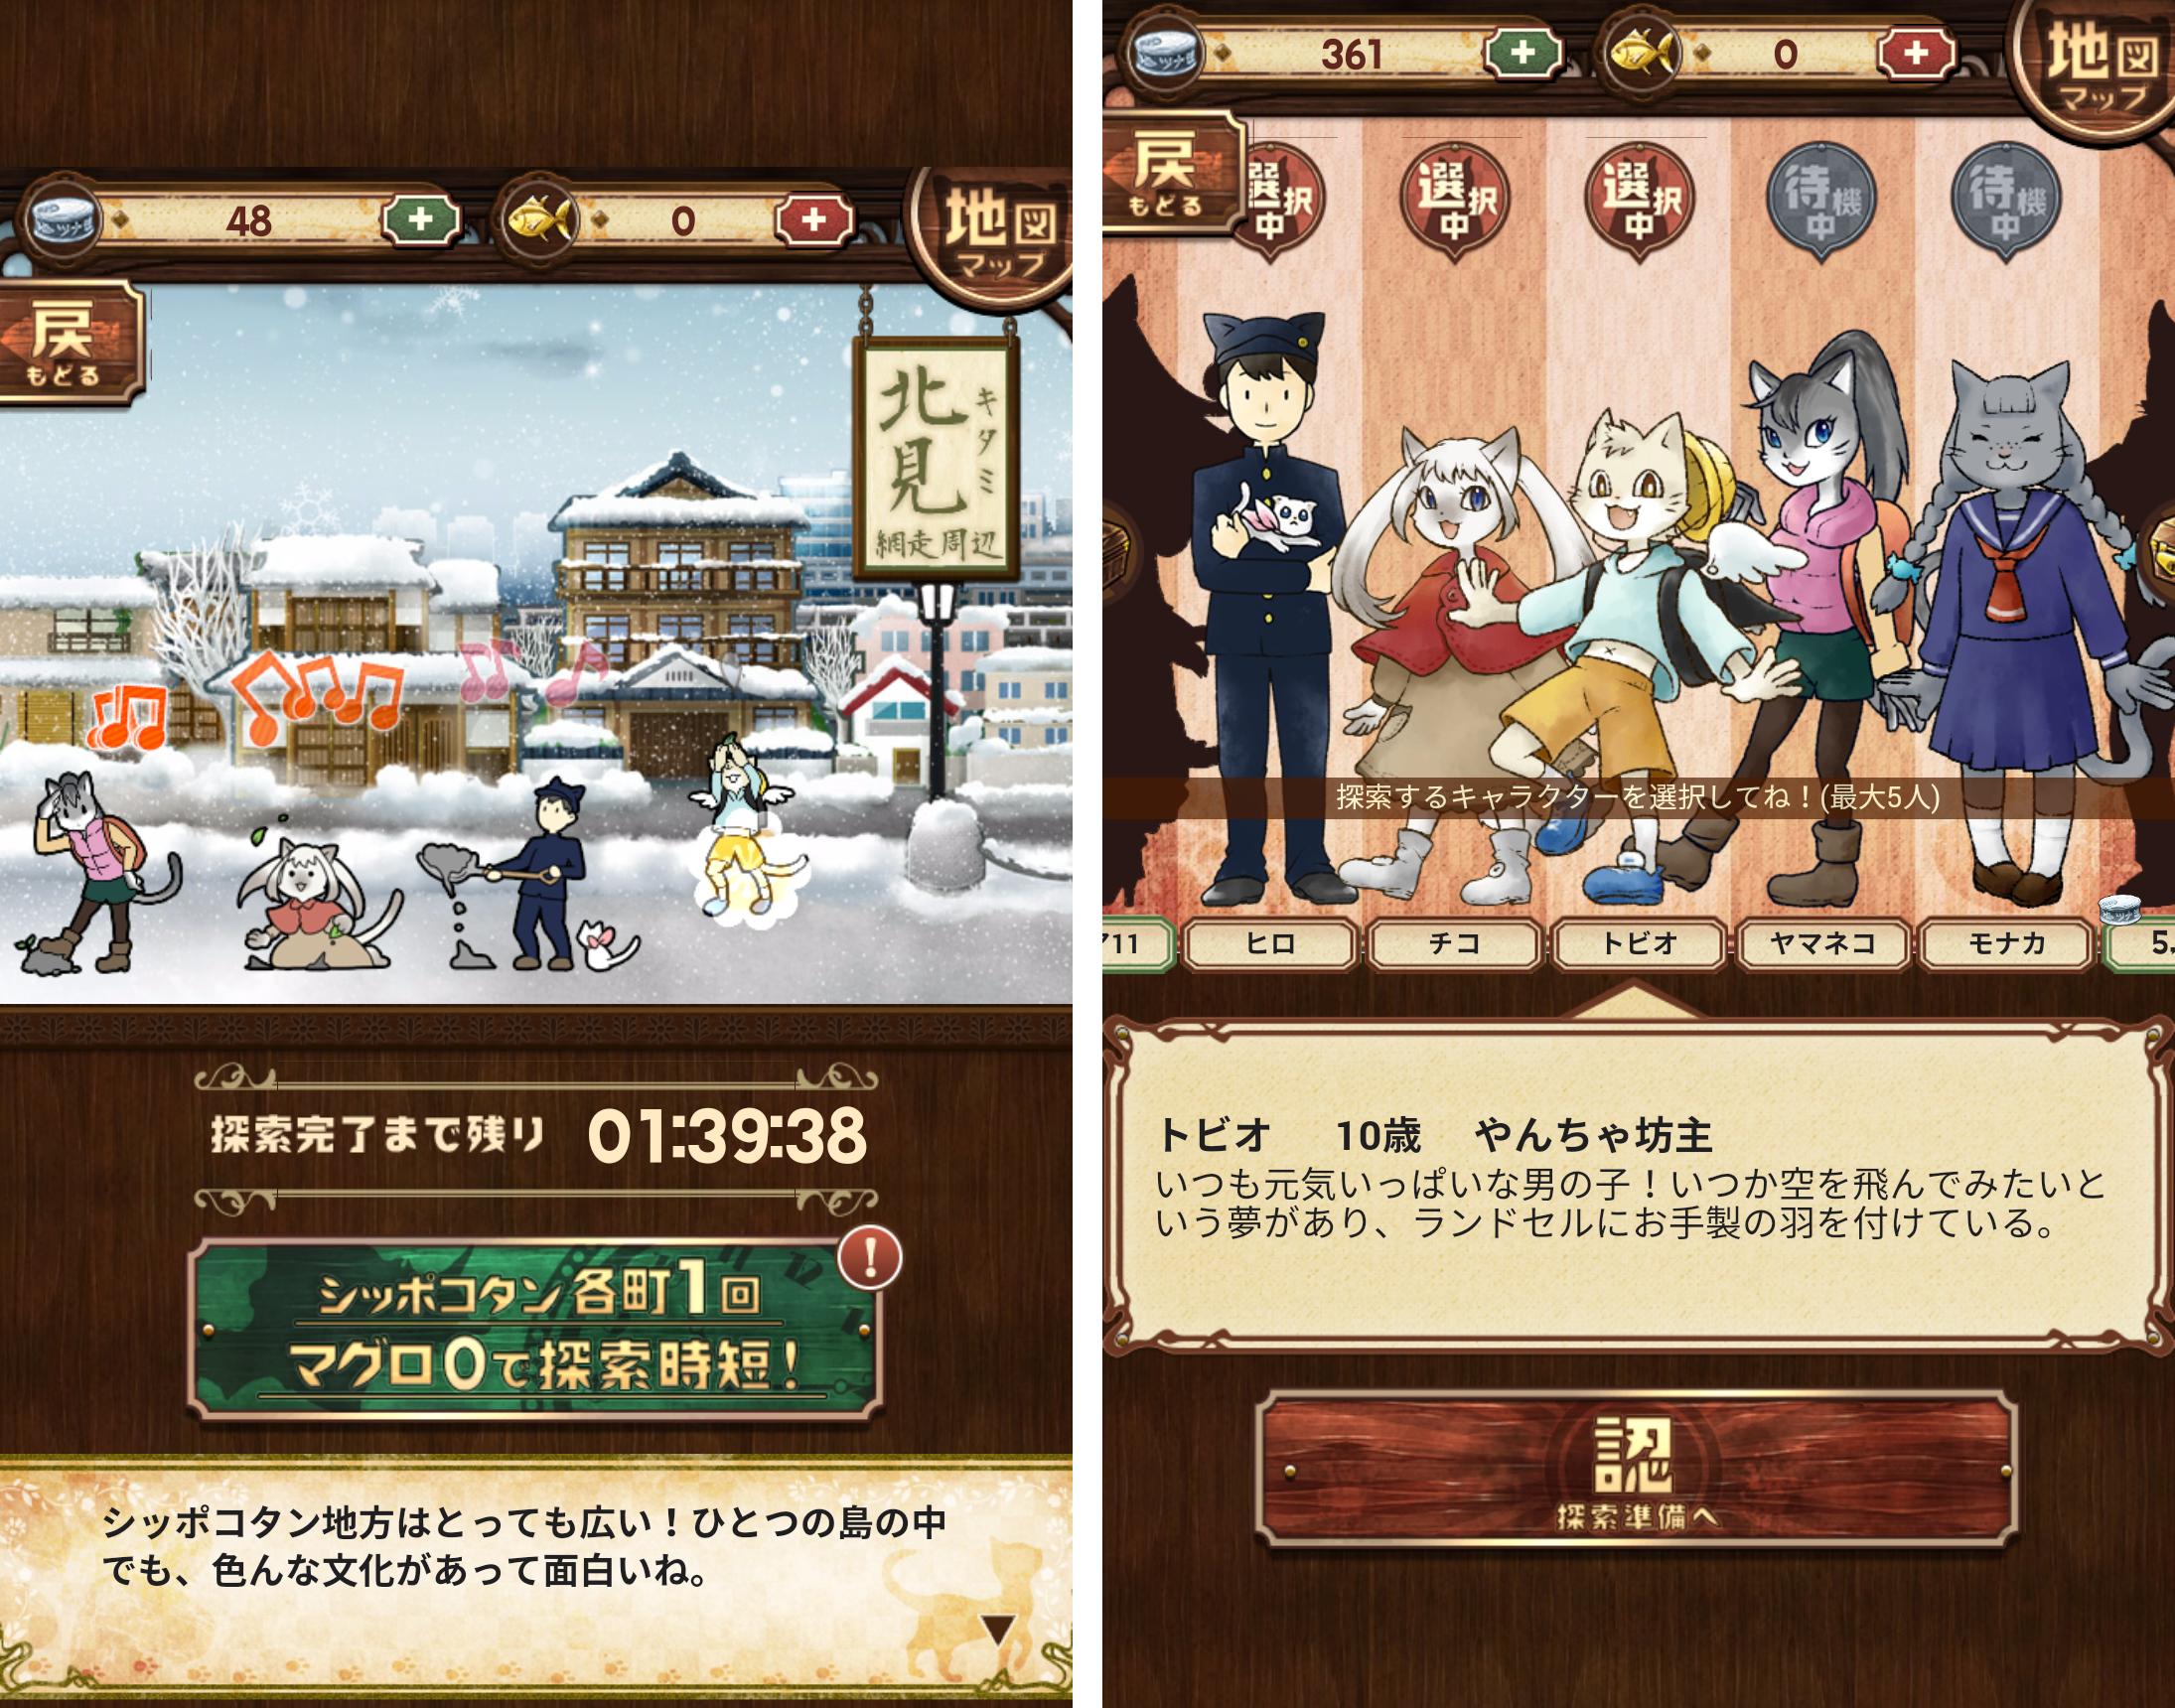 不思議のニャパン androidアプリスクリーンショット1